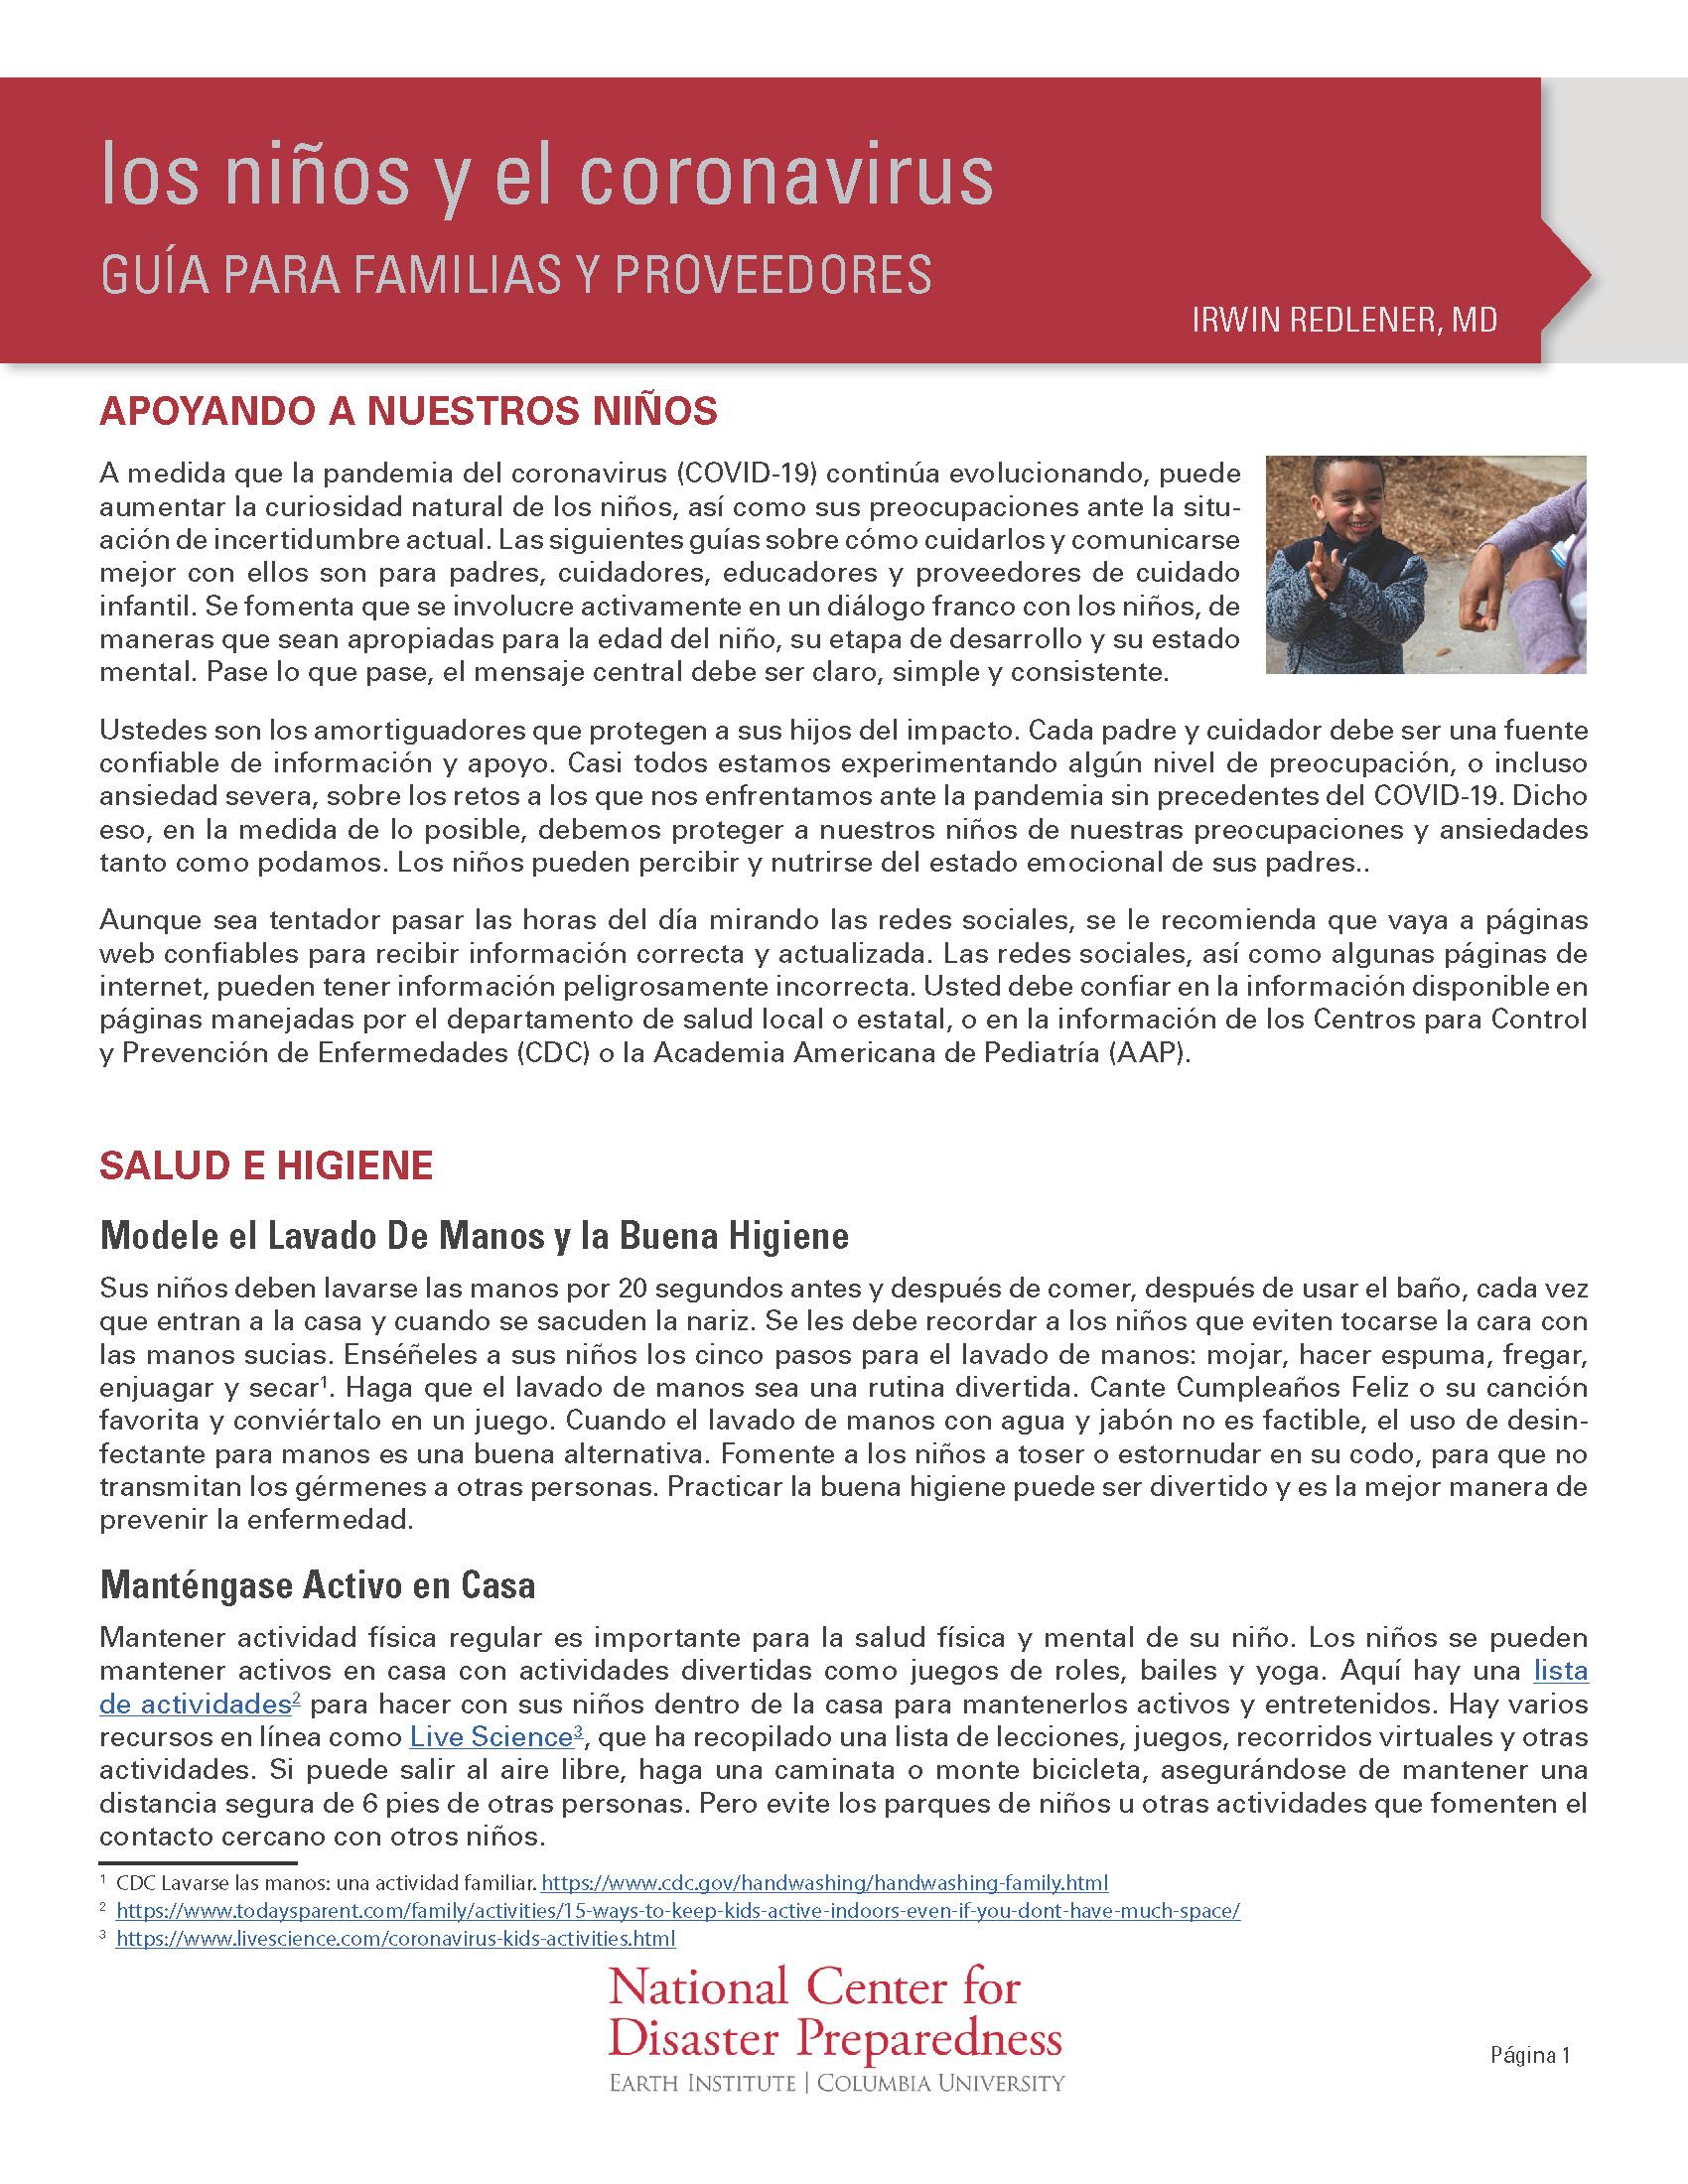 Los Niños y el Coronavirus: Guía para Familias y Proveedores